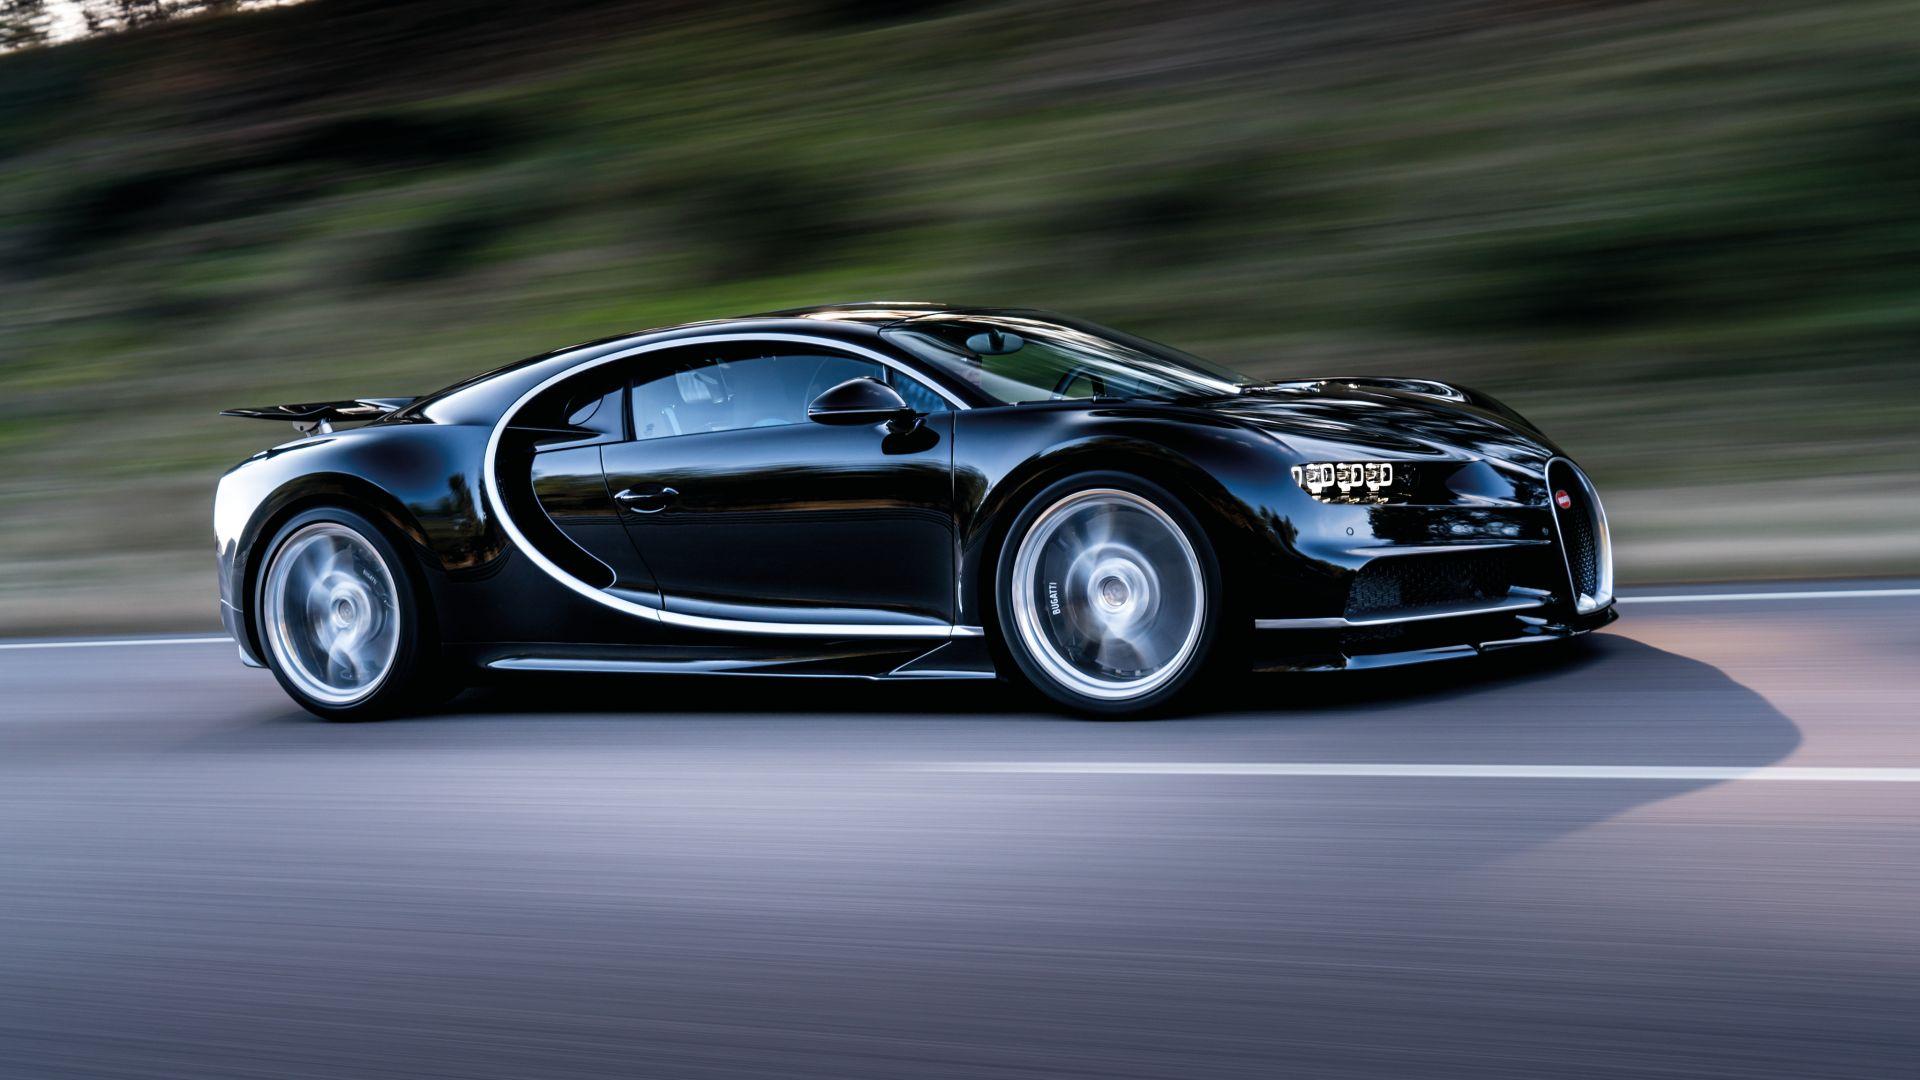 Wallpaper Bugatti Chiron Geneva Auto Show 2017 Hypercar Black